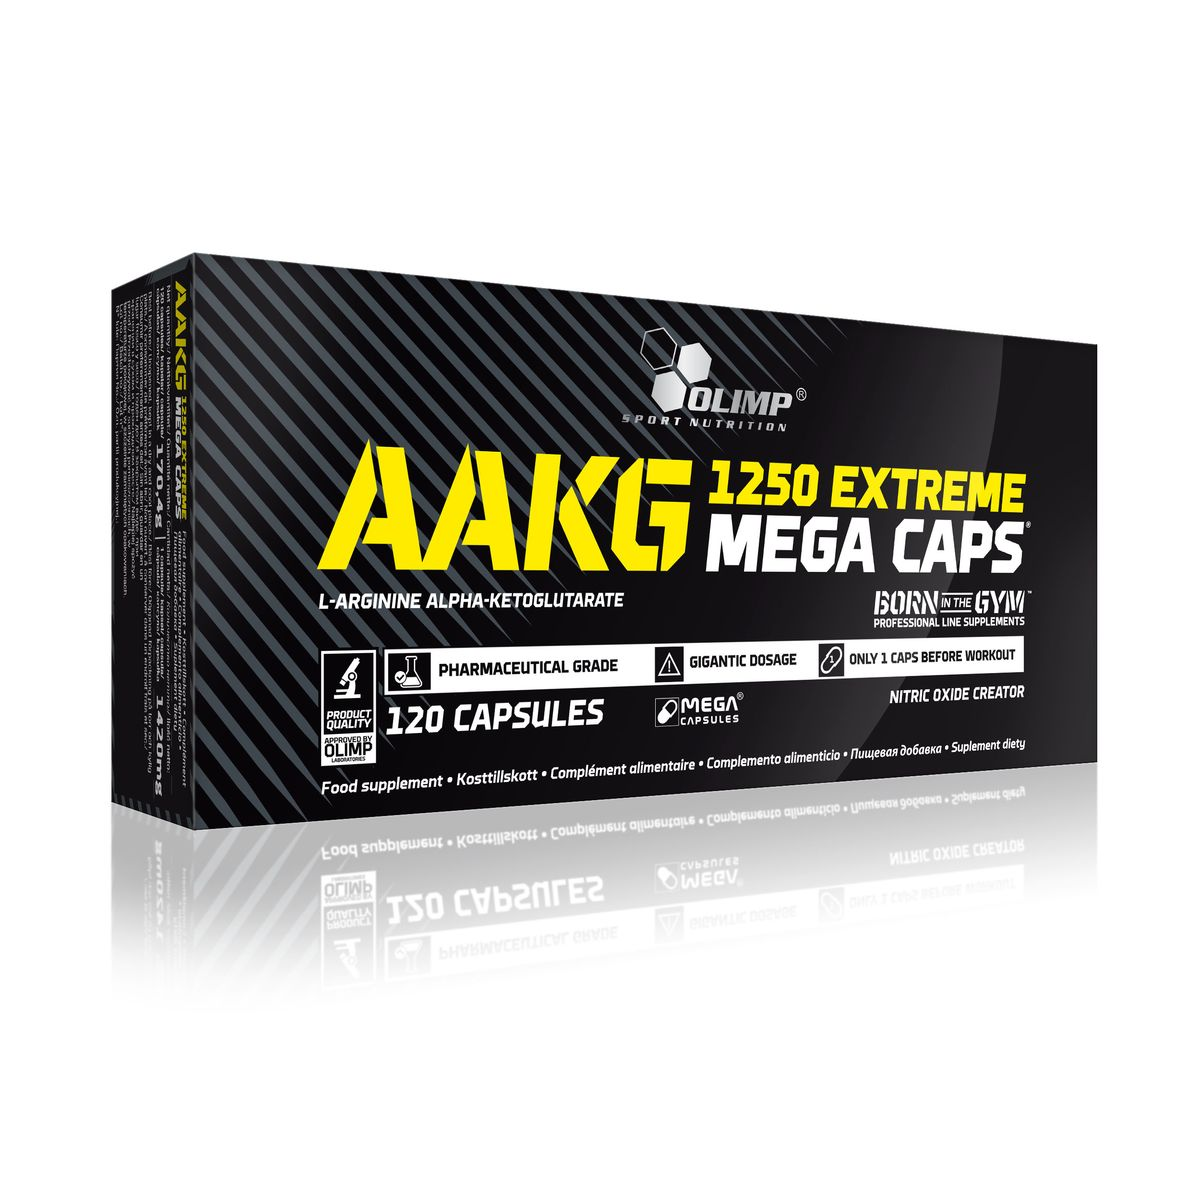 Аминокислотный комплекс Olimp Sport Nutrition ААКГ Mega Caps 1250, 120 капсул аминокислотный комплекс olimp sport nutrition bcaa mega caps 1100 120 капсул